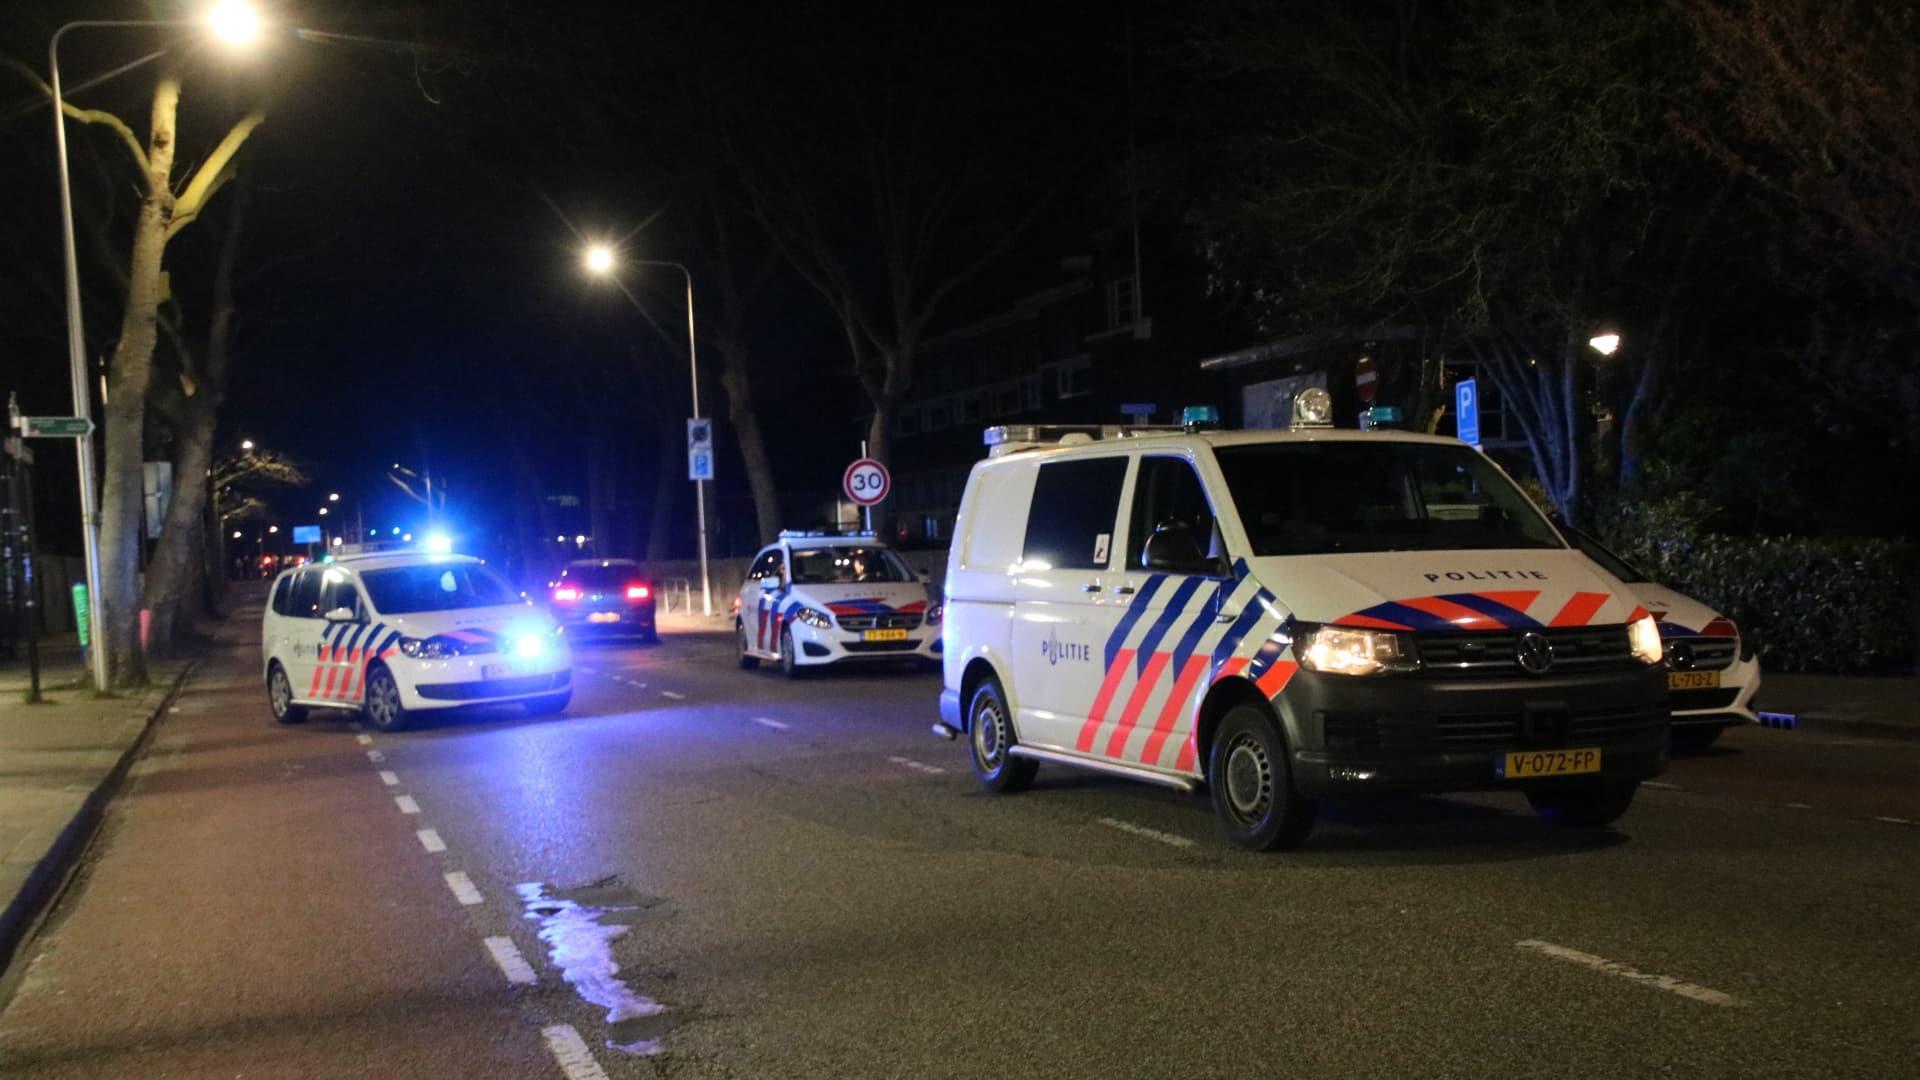 Politie pakt drie inbrekers op in Zwolle, verdachte moet opmerkelijke buit inleveren